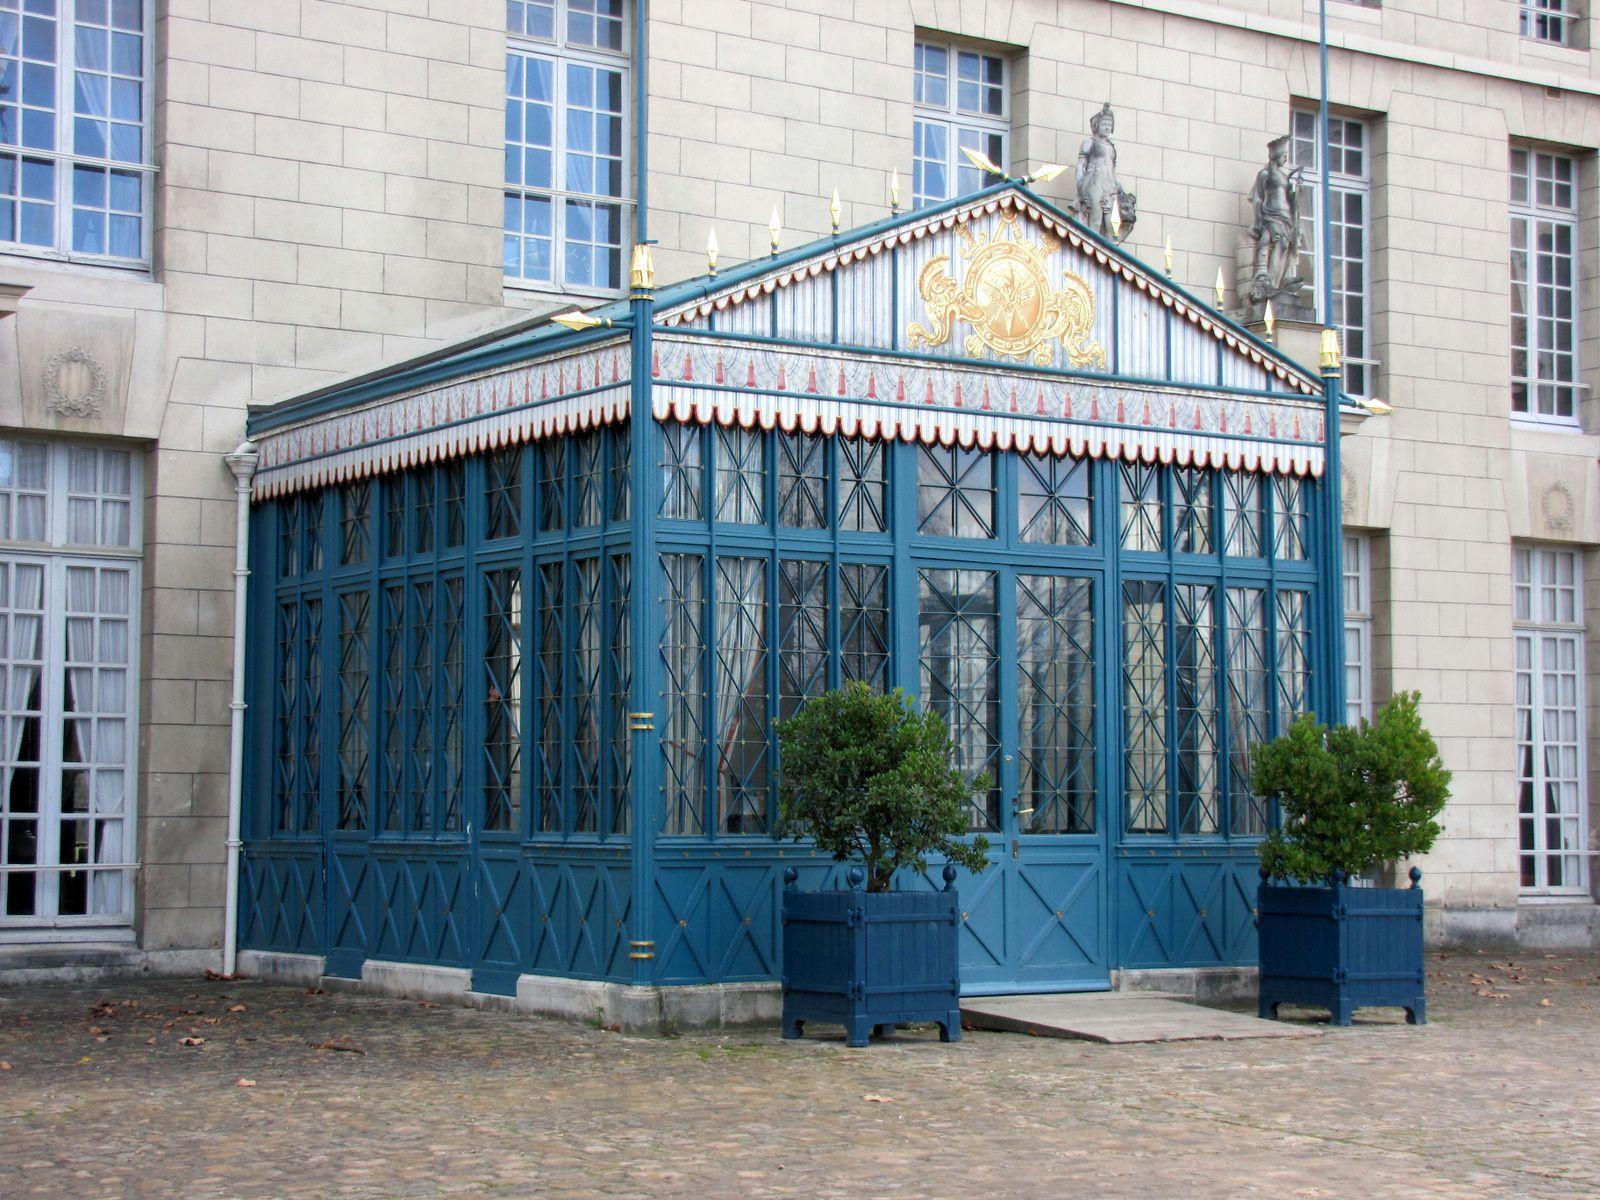 La tente et les centaures du vestibule du château de Malmaison